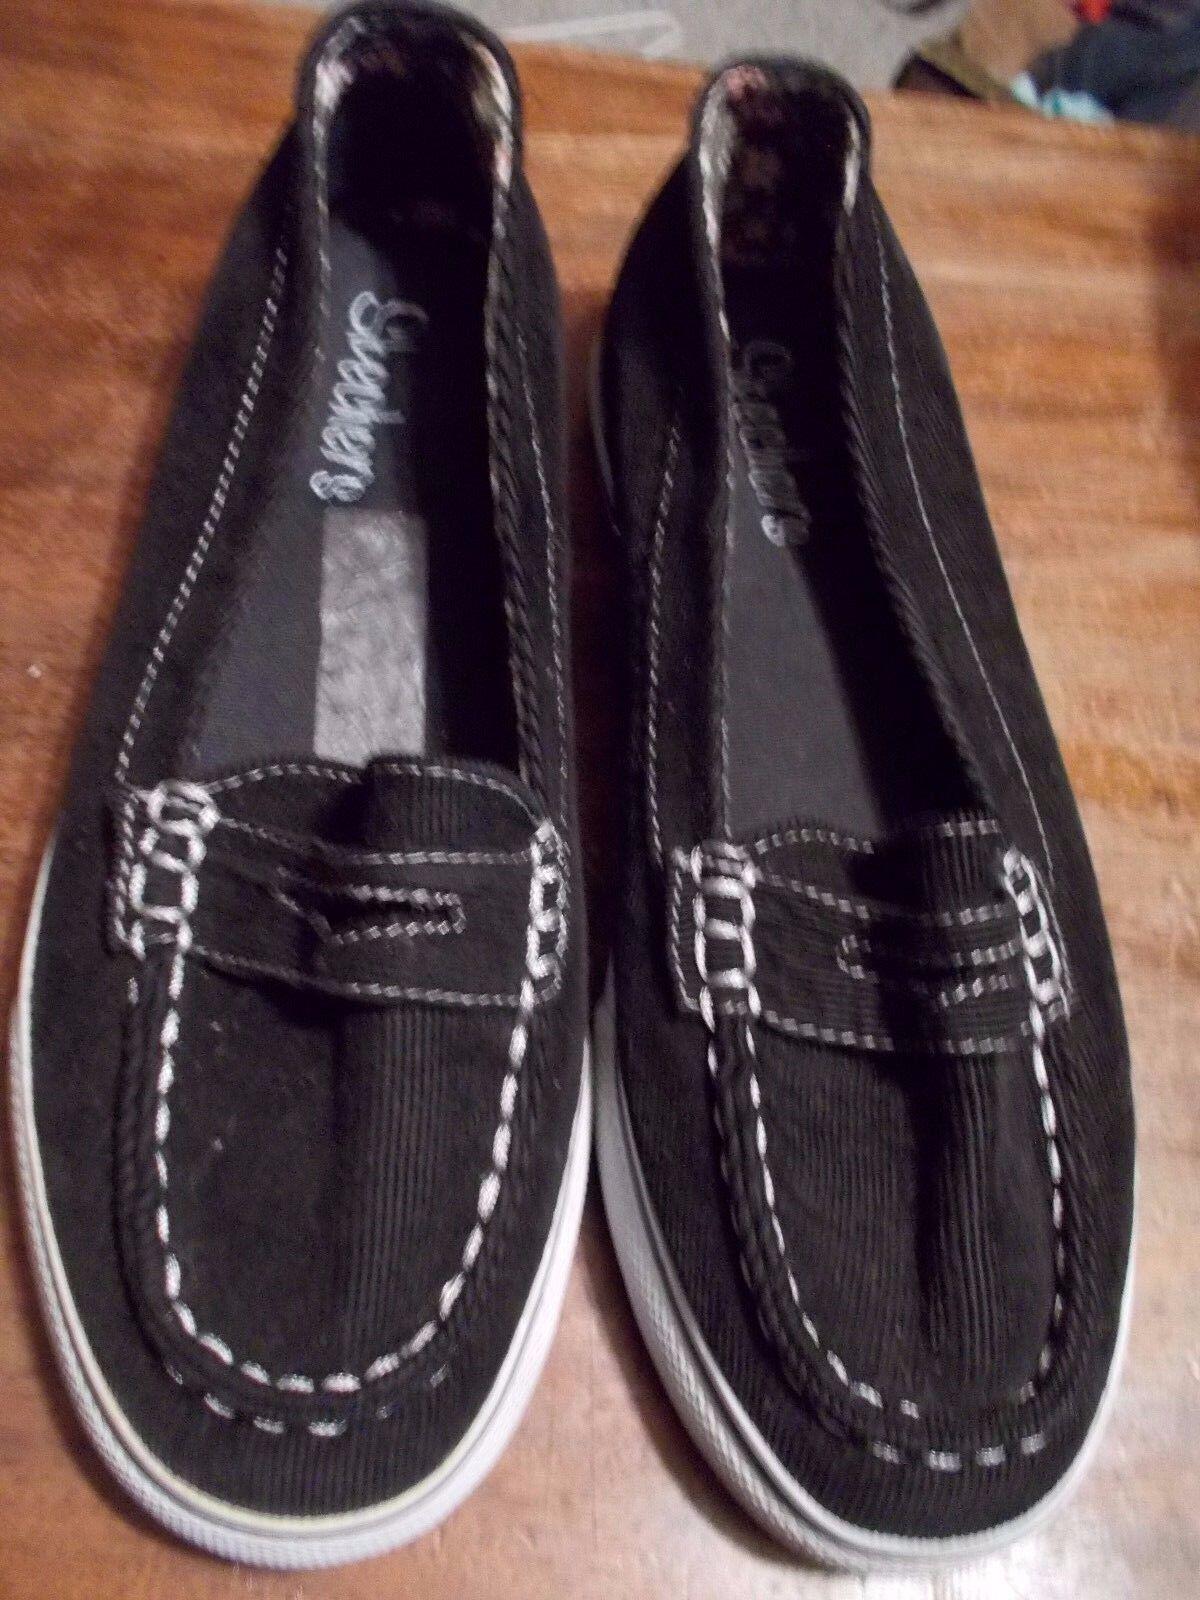 Skechers BLACK FABRIC Slip On Sneaker SIZE 6 Great discount